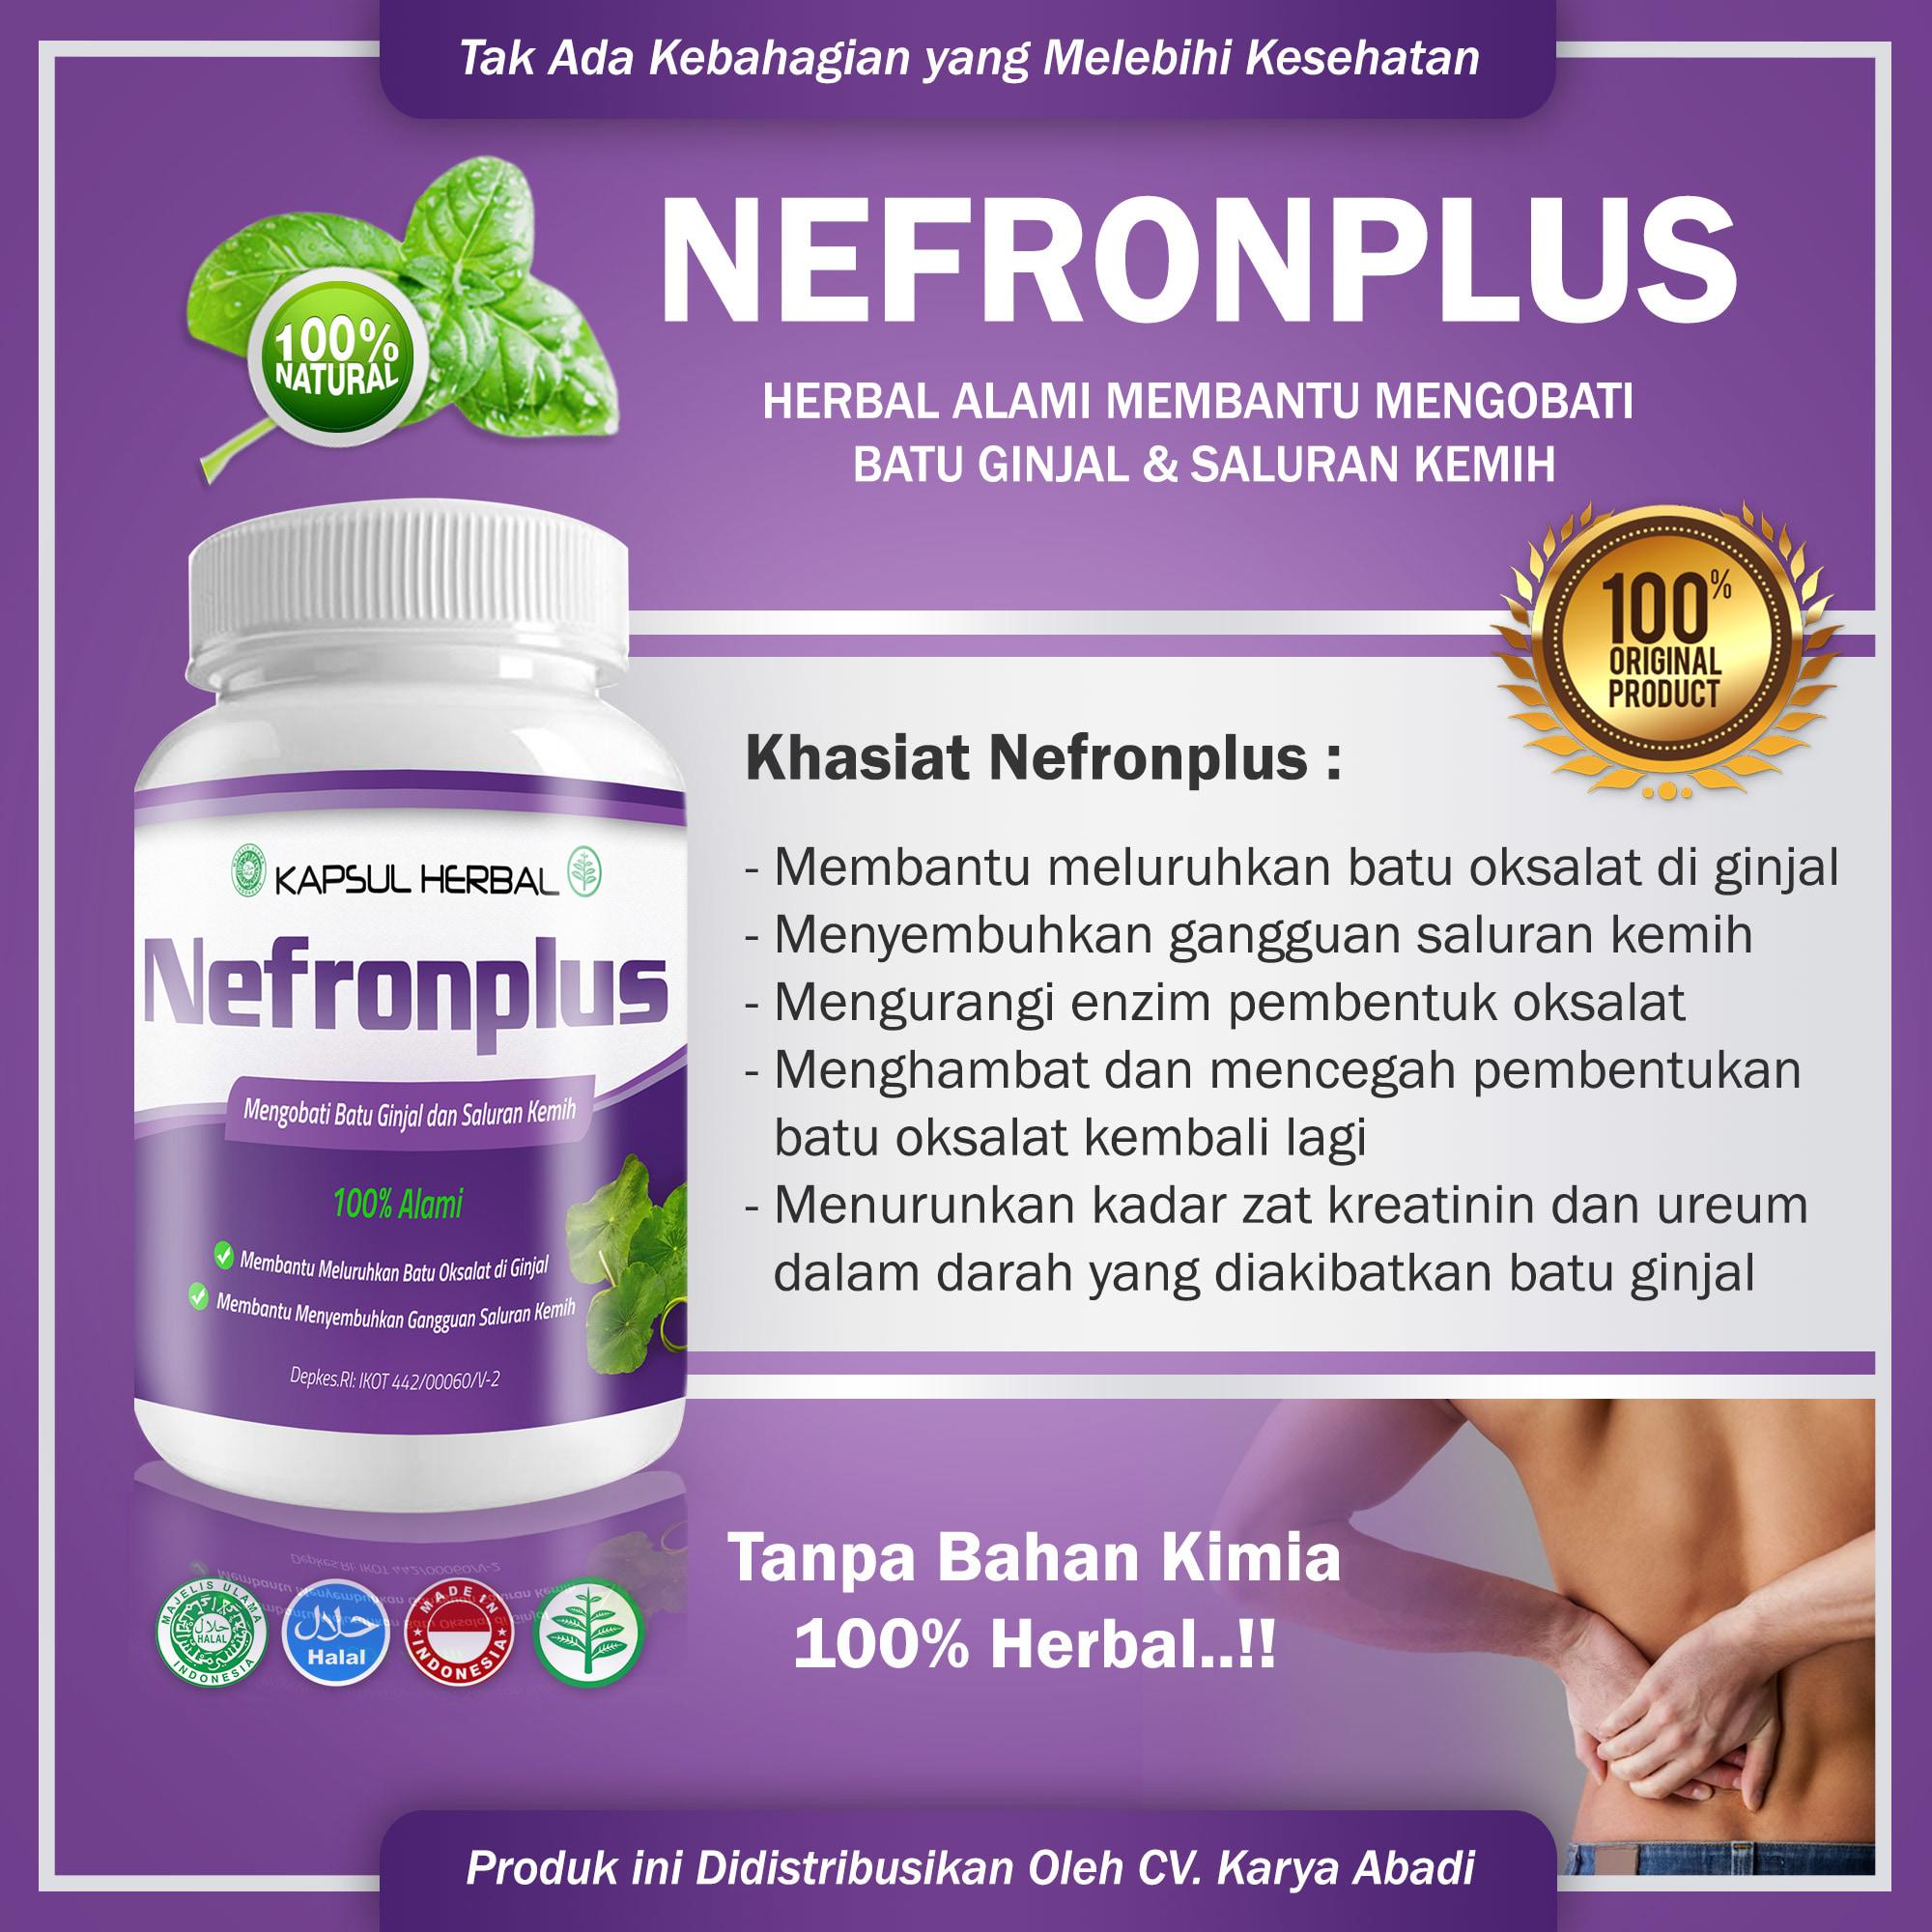 HEMAT NEFRONPLUS-Obat Herbal Batu Ginjal Dan Infeksi Saluran Kemih-Kencing